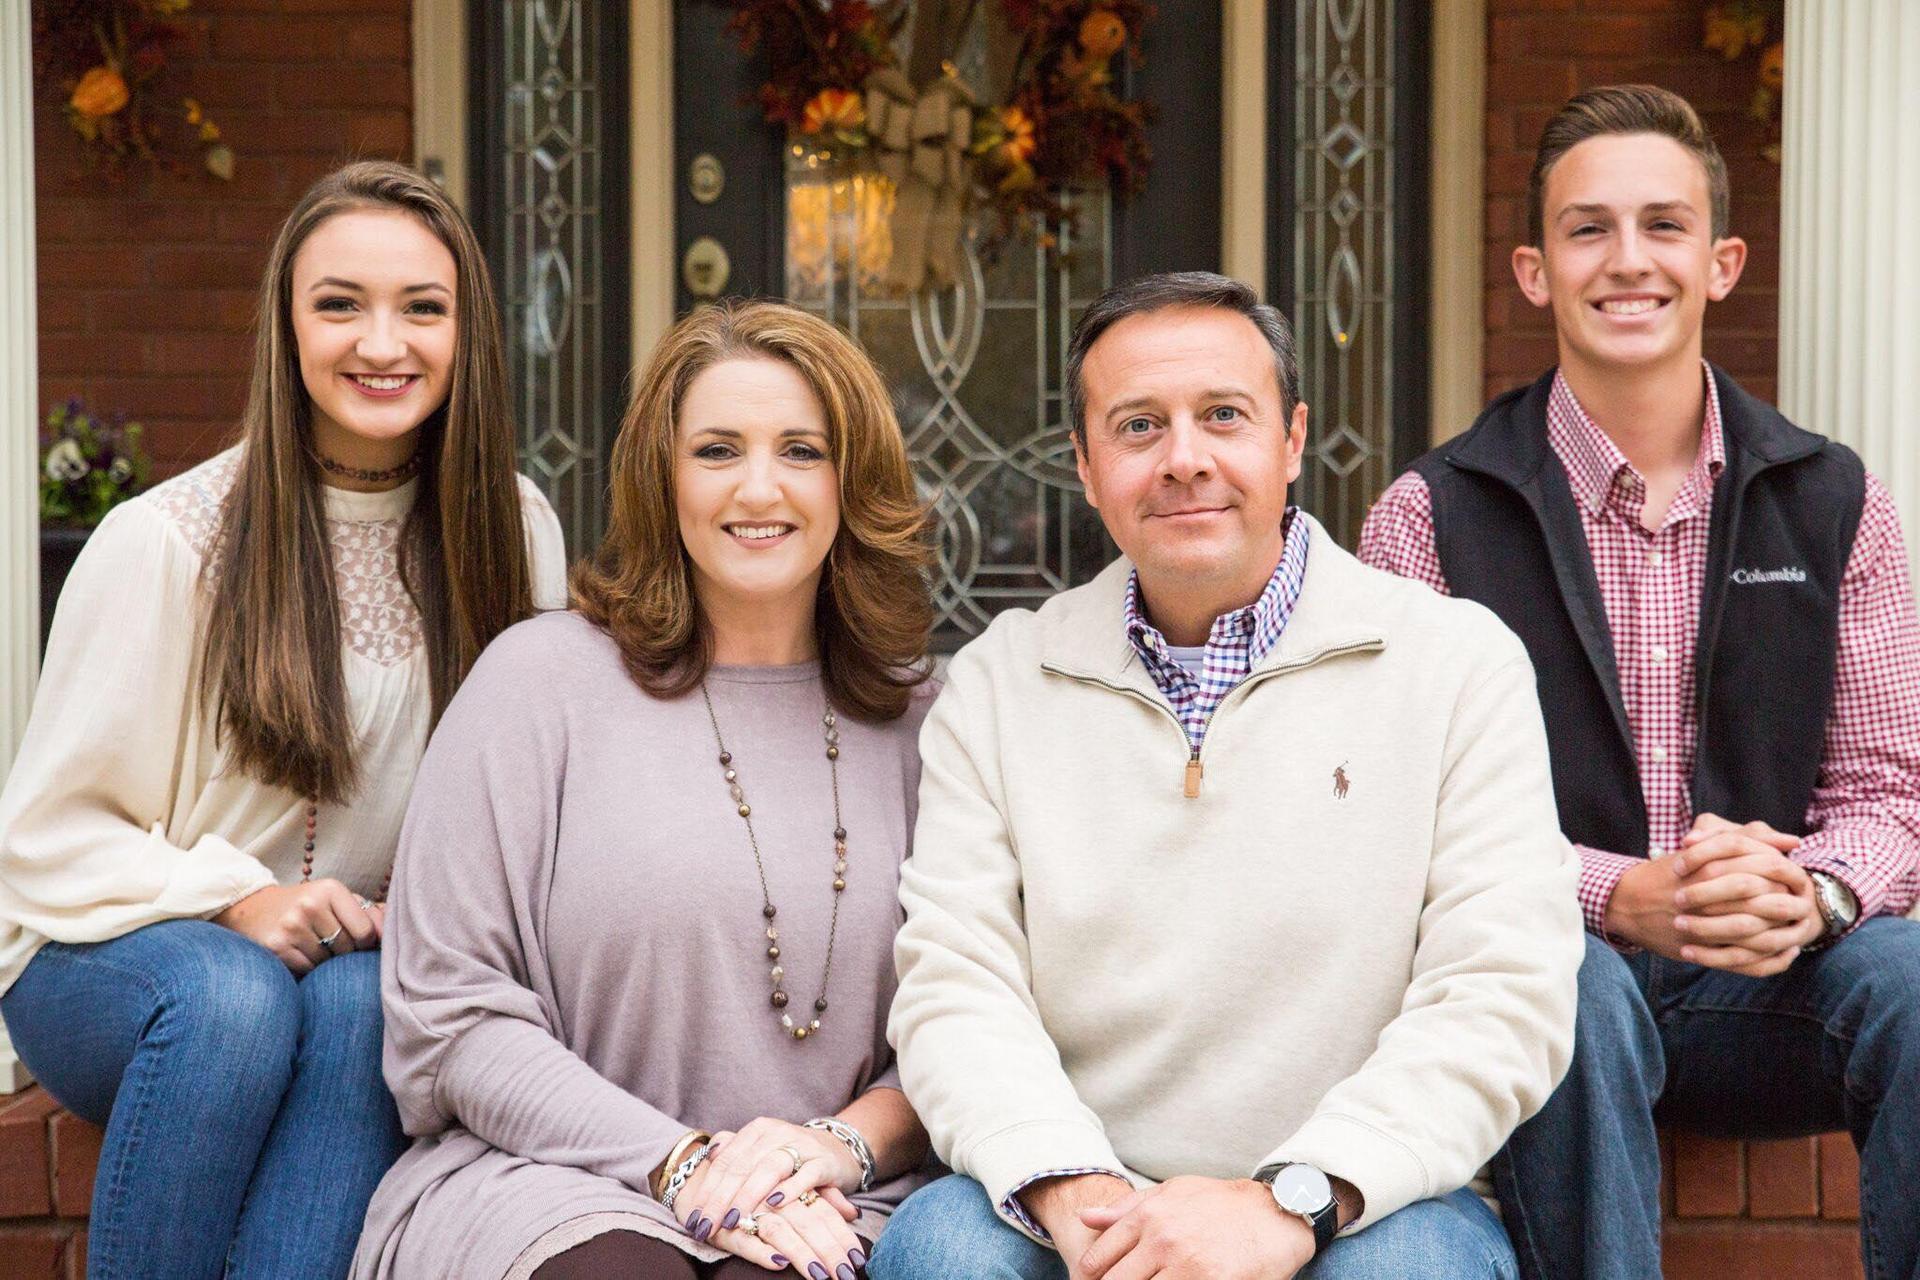 The Whitt Family